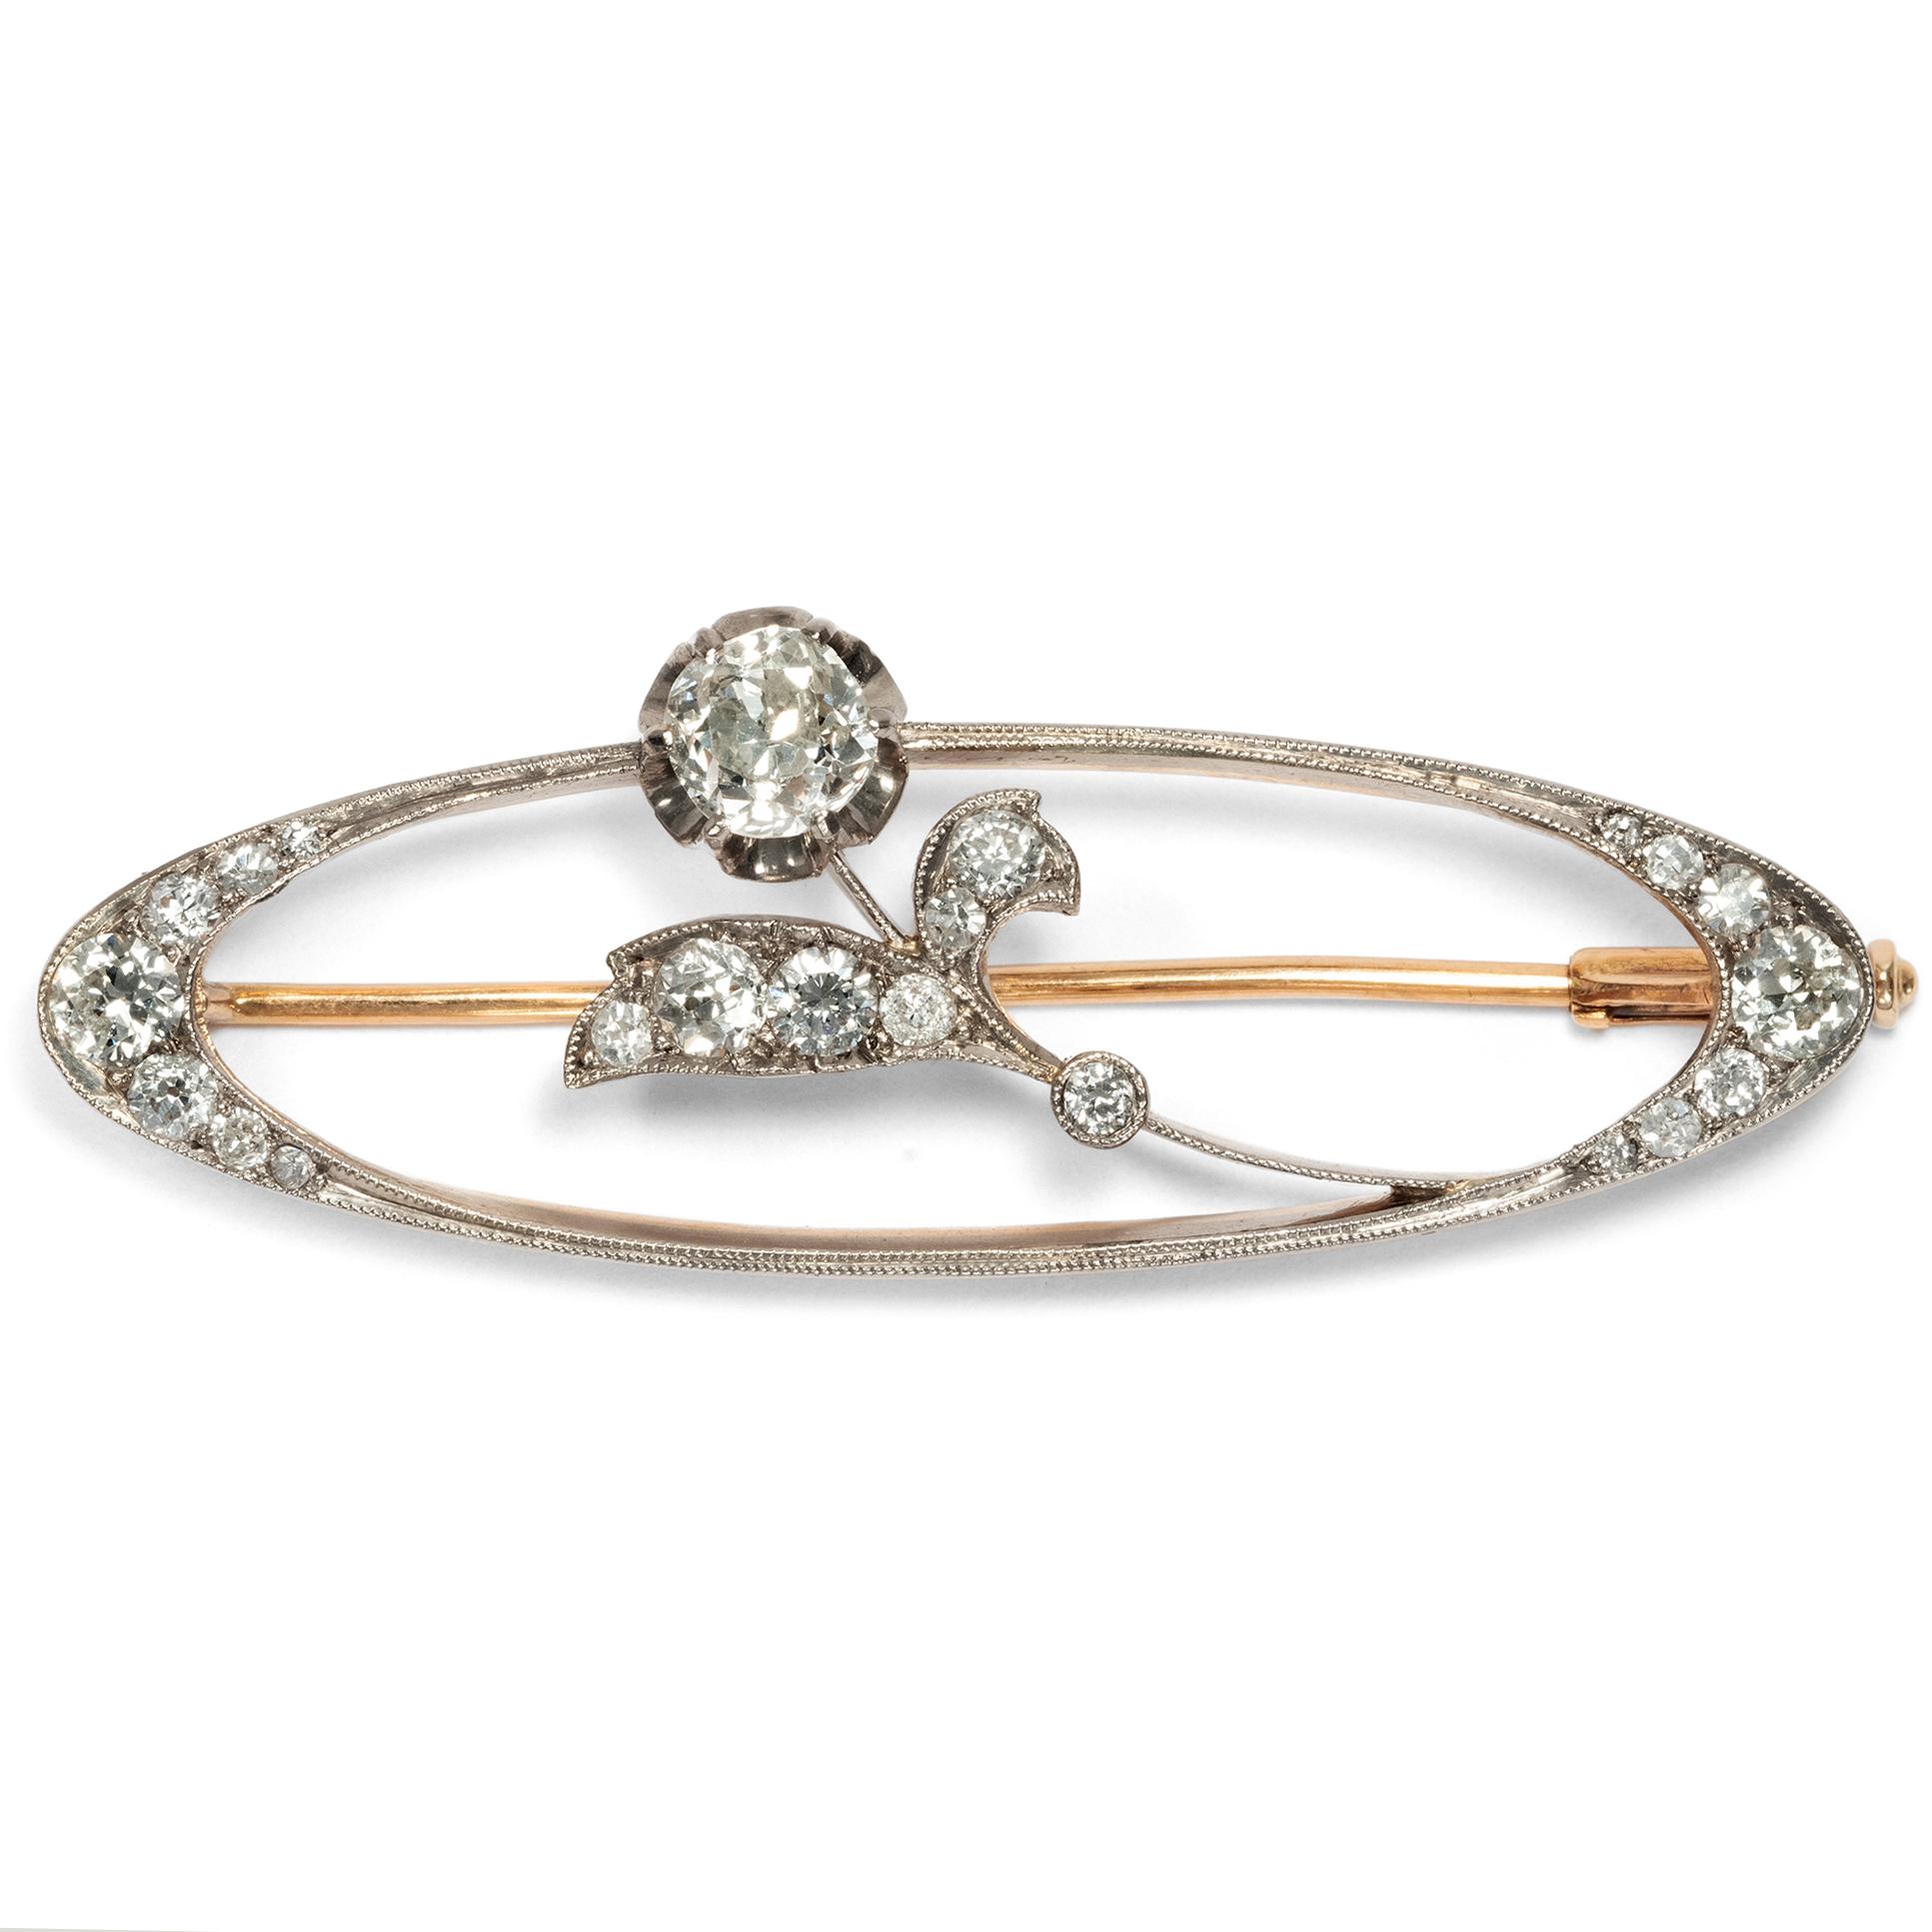 Uhren & Schmuck Diamantbrosche Brosche Brillantbrosche 14kt 585 Gold Mit Diamant Brillanten . Broschen & Nadeln